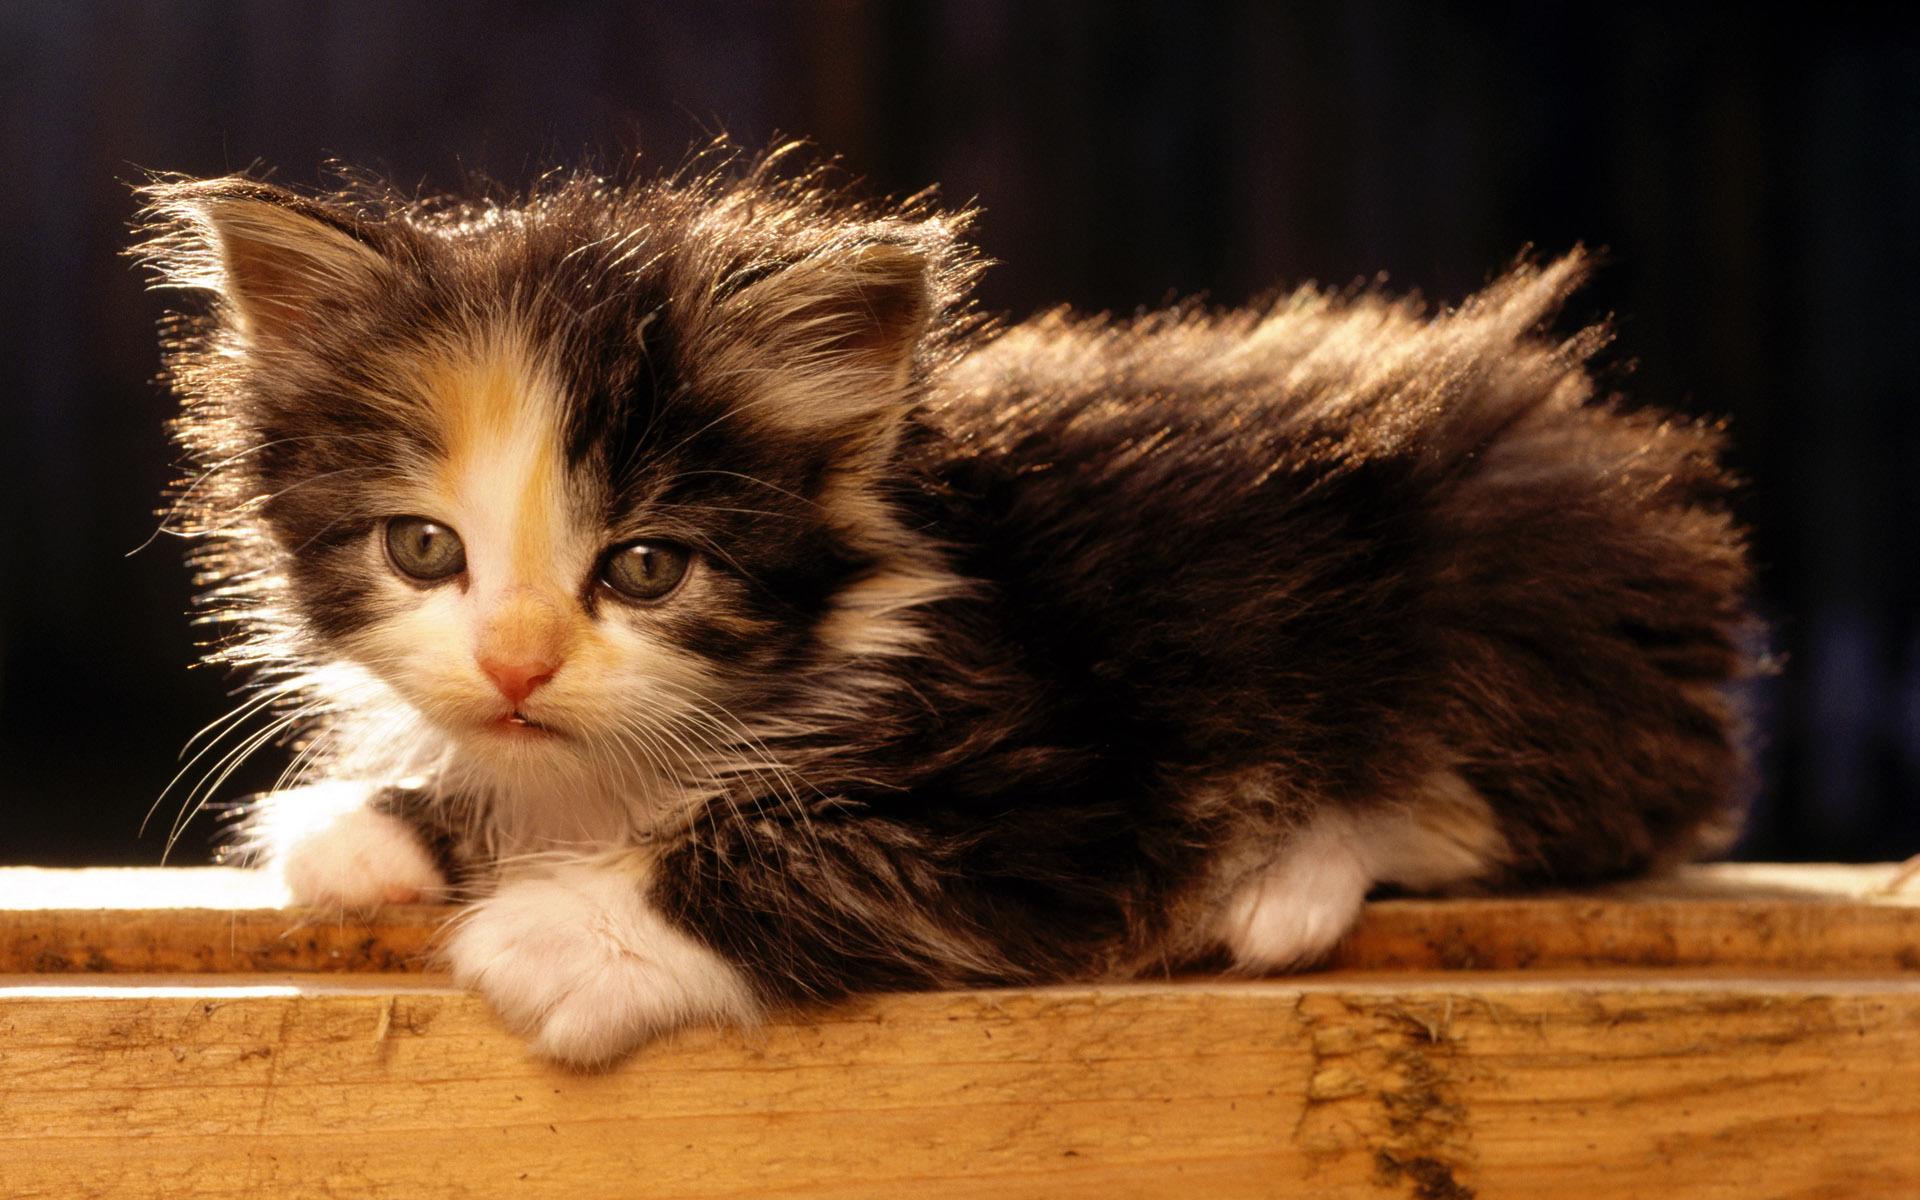 каждый маленькие кошачьи картинки значит, что